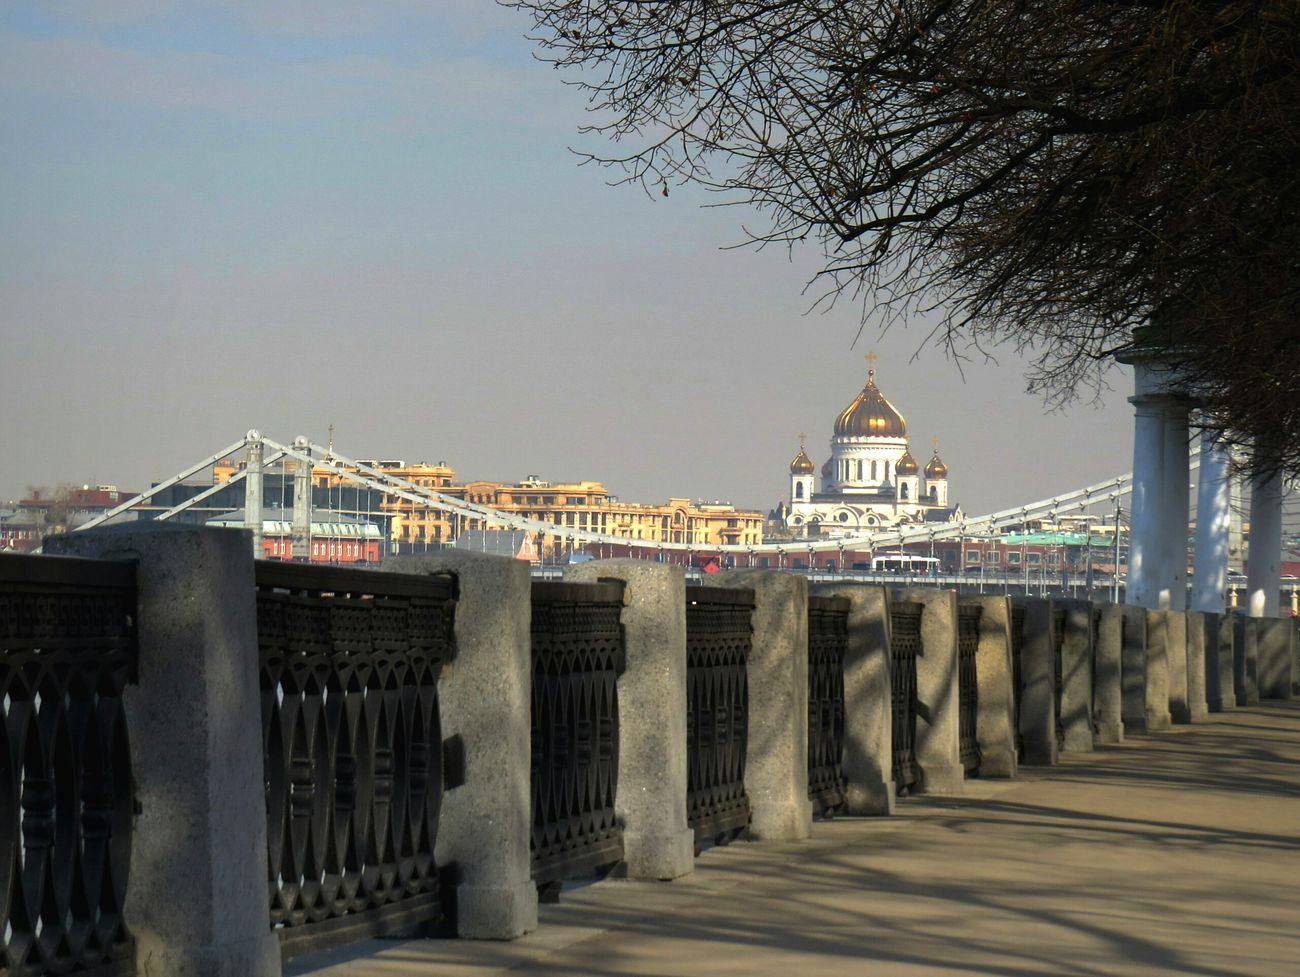 нескучныйсад ПаркГорького Москва Россия Moscow улицымосквы Родныеместа Street